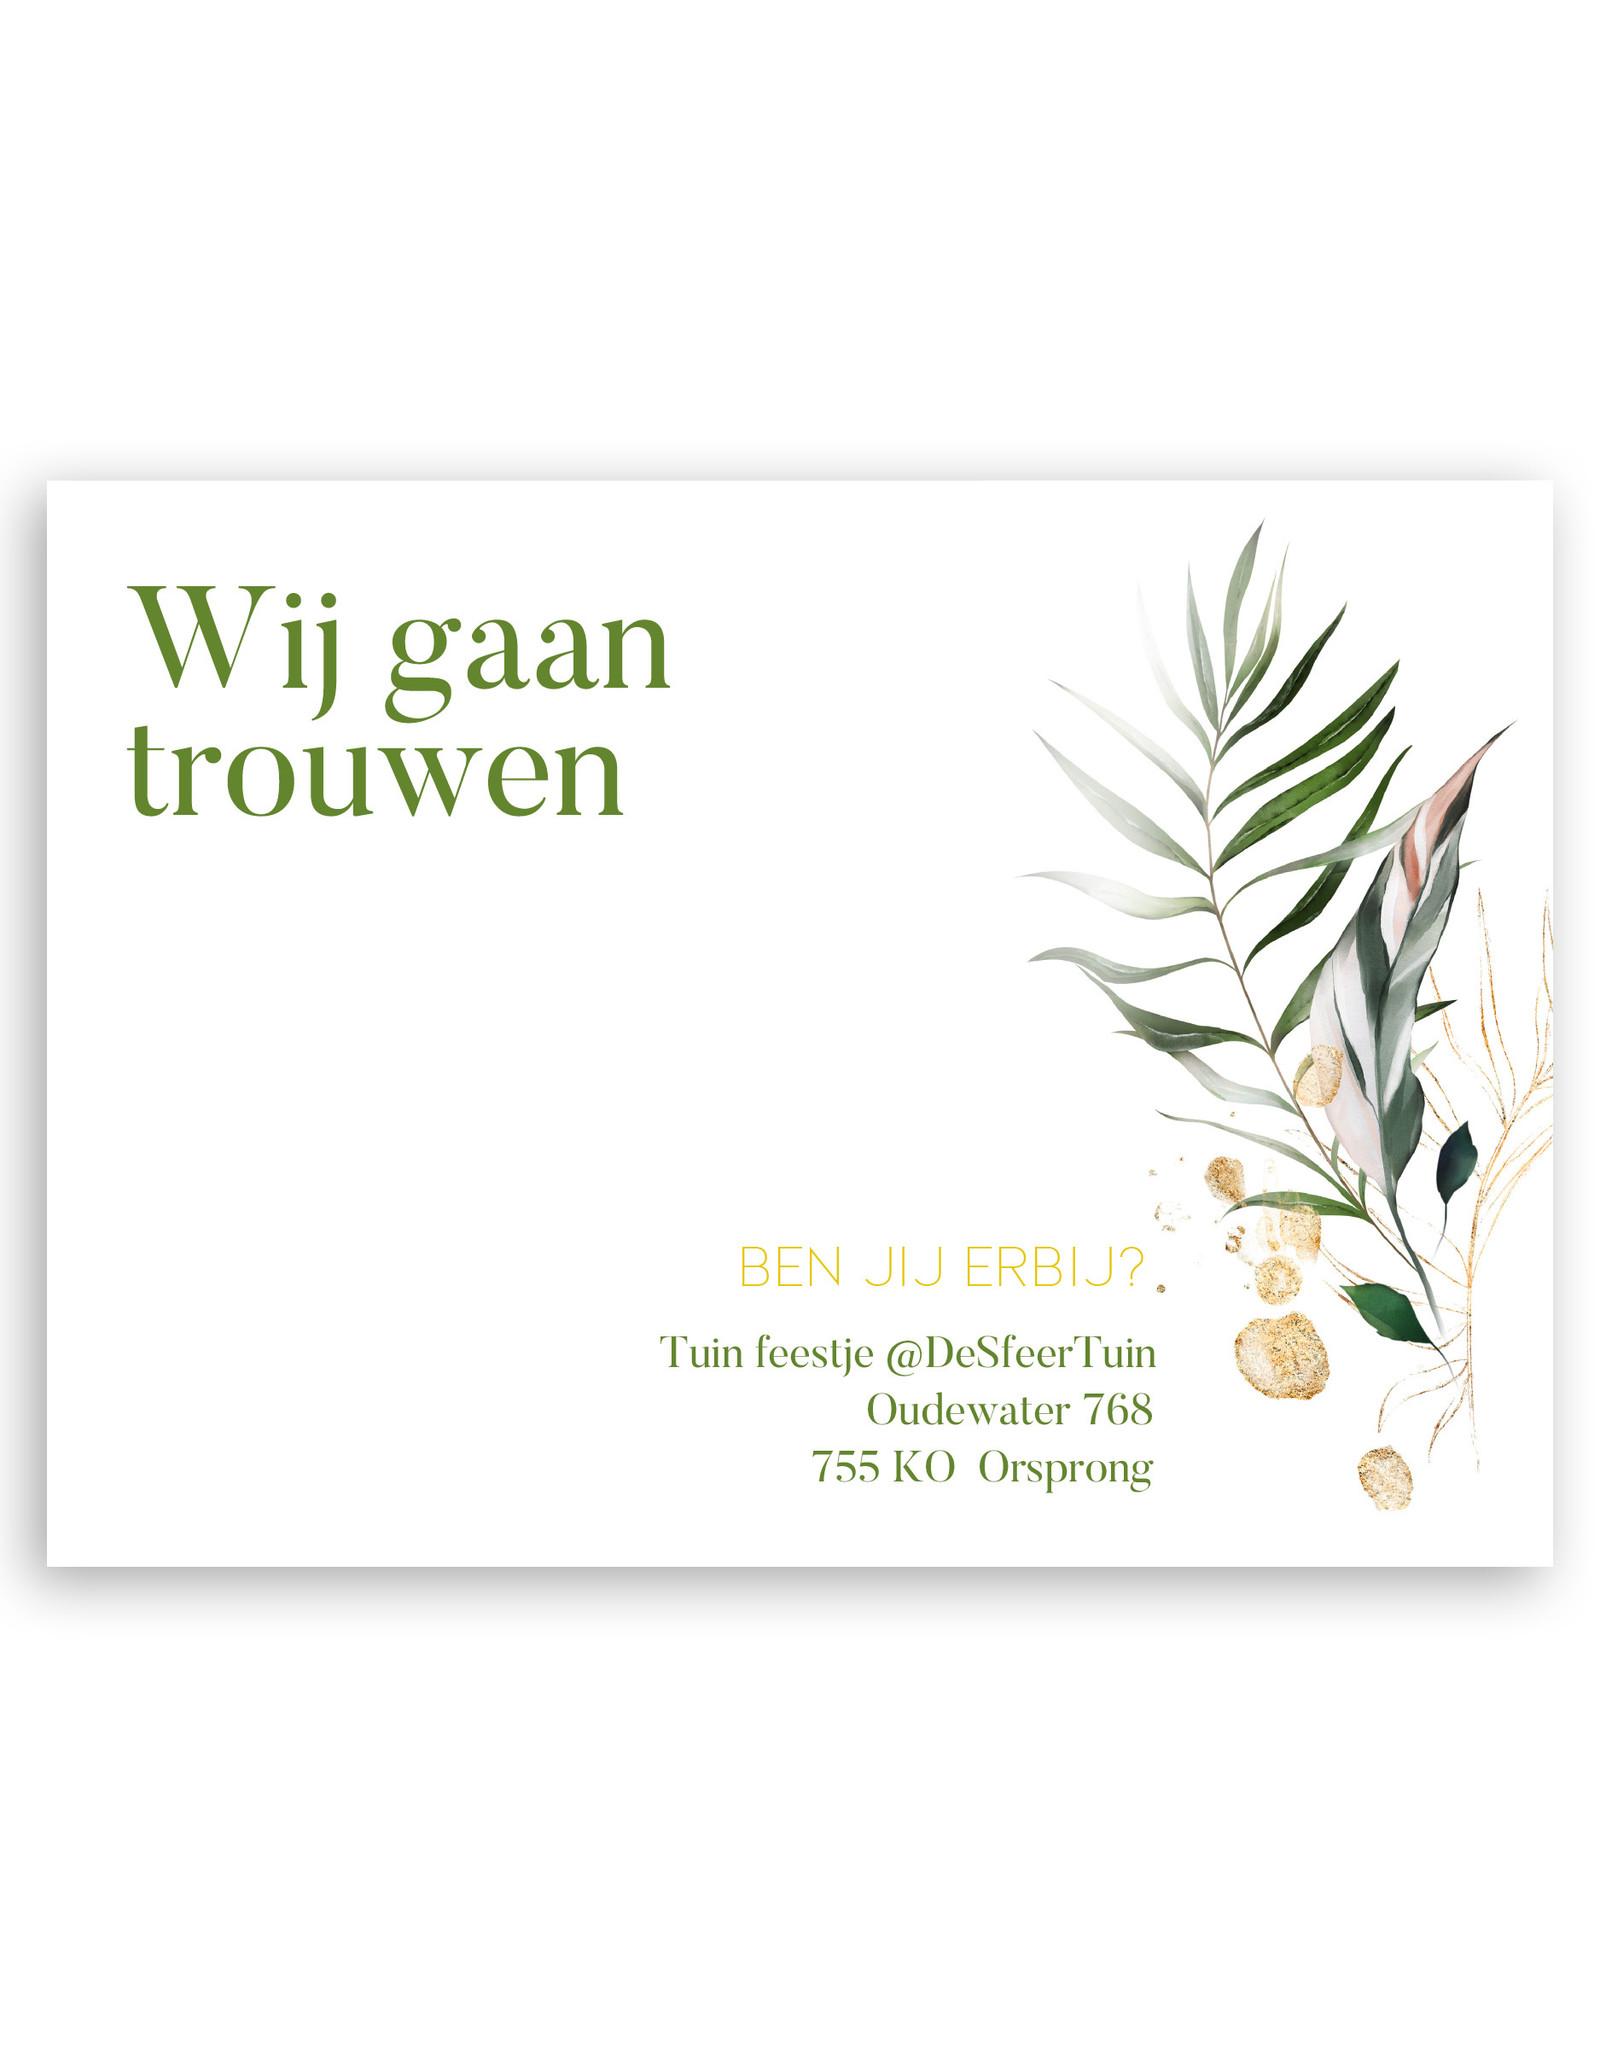 www.Robin.cards Trouwkaart luxe enkel rechthoek Kate en Johan